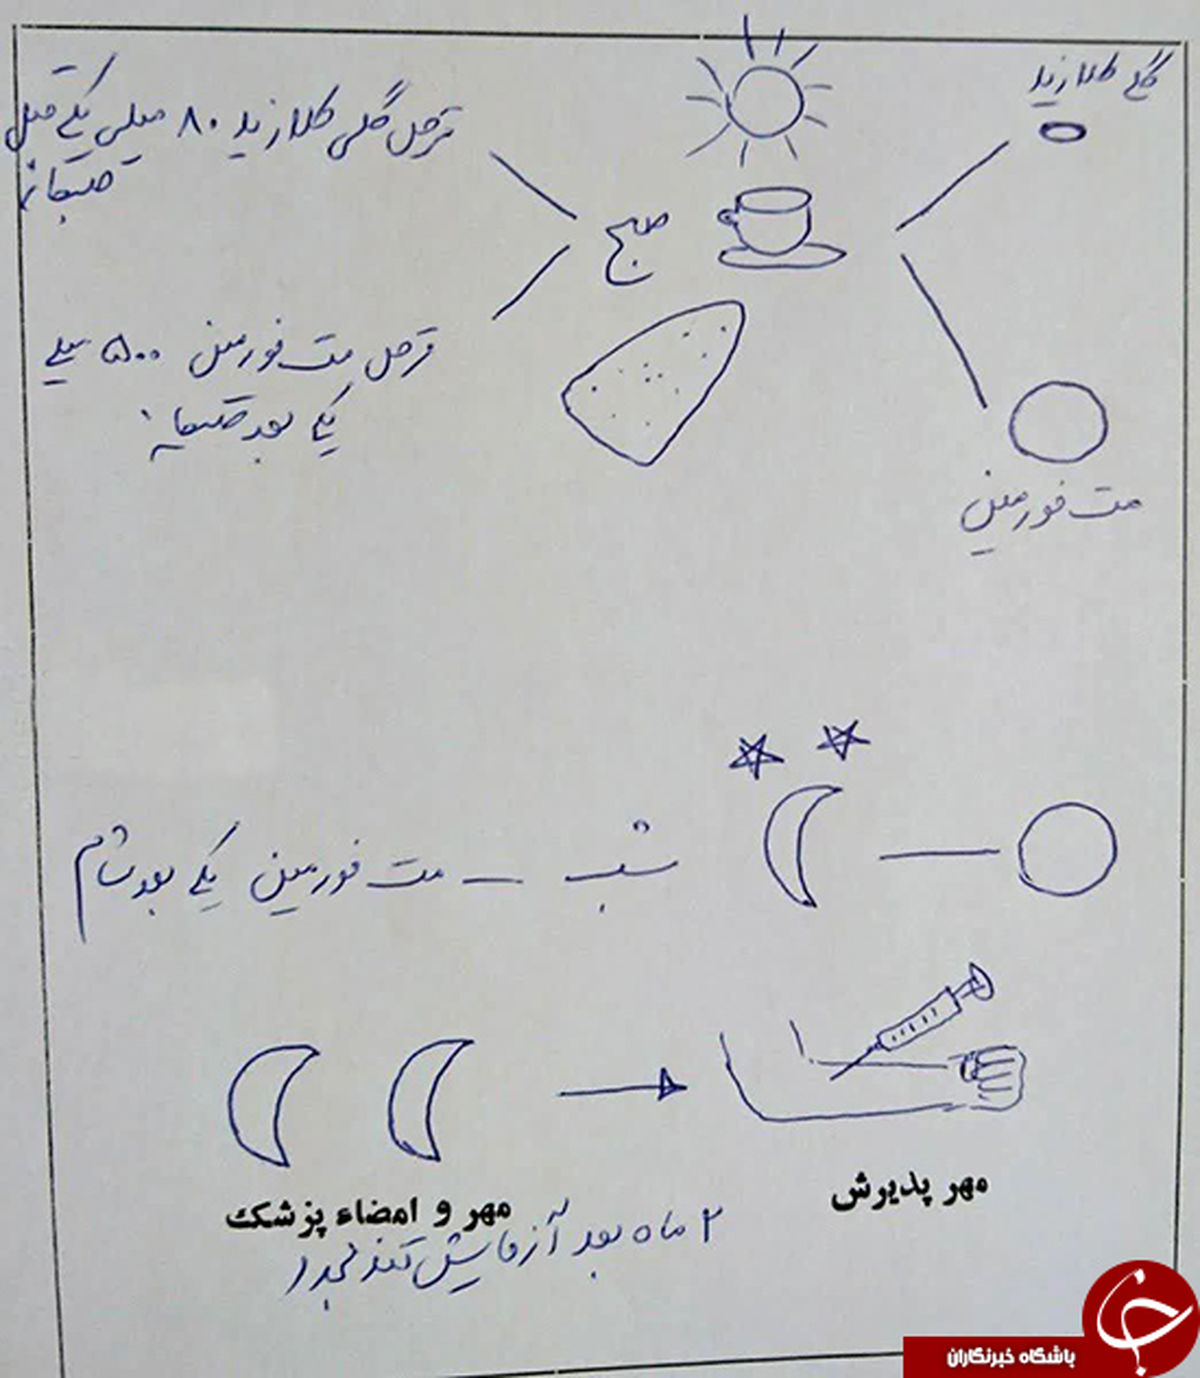 نسخه جالب پزشک ایرانی برای بیمار بی سواد+عکس